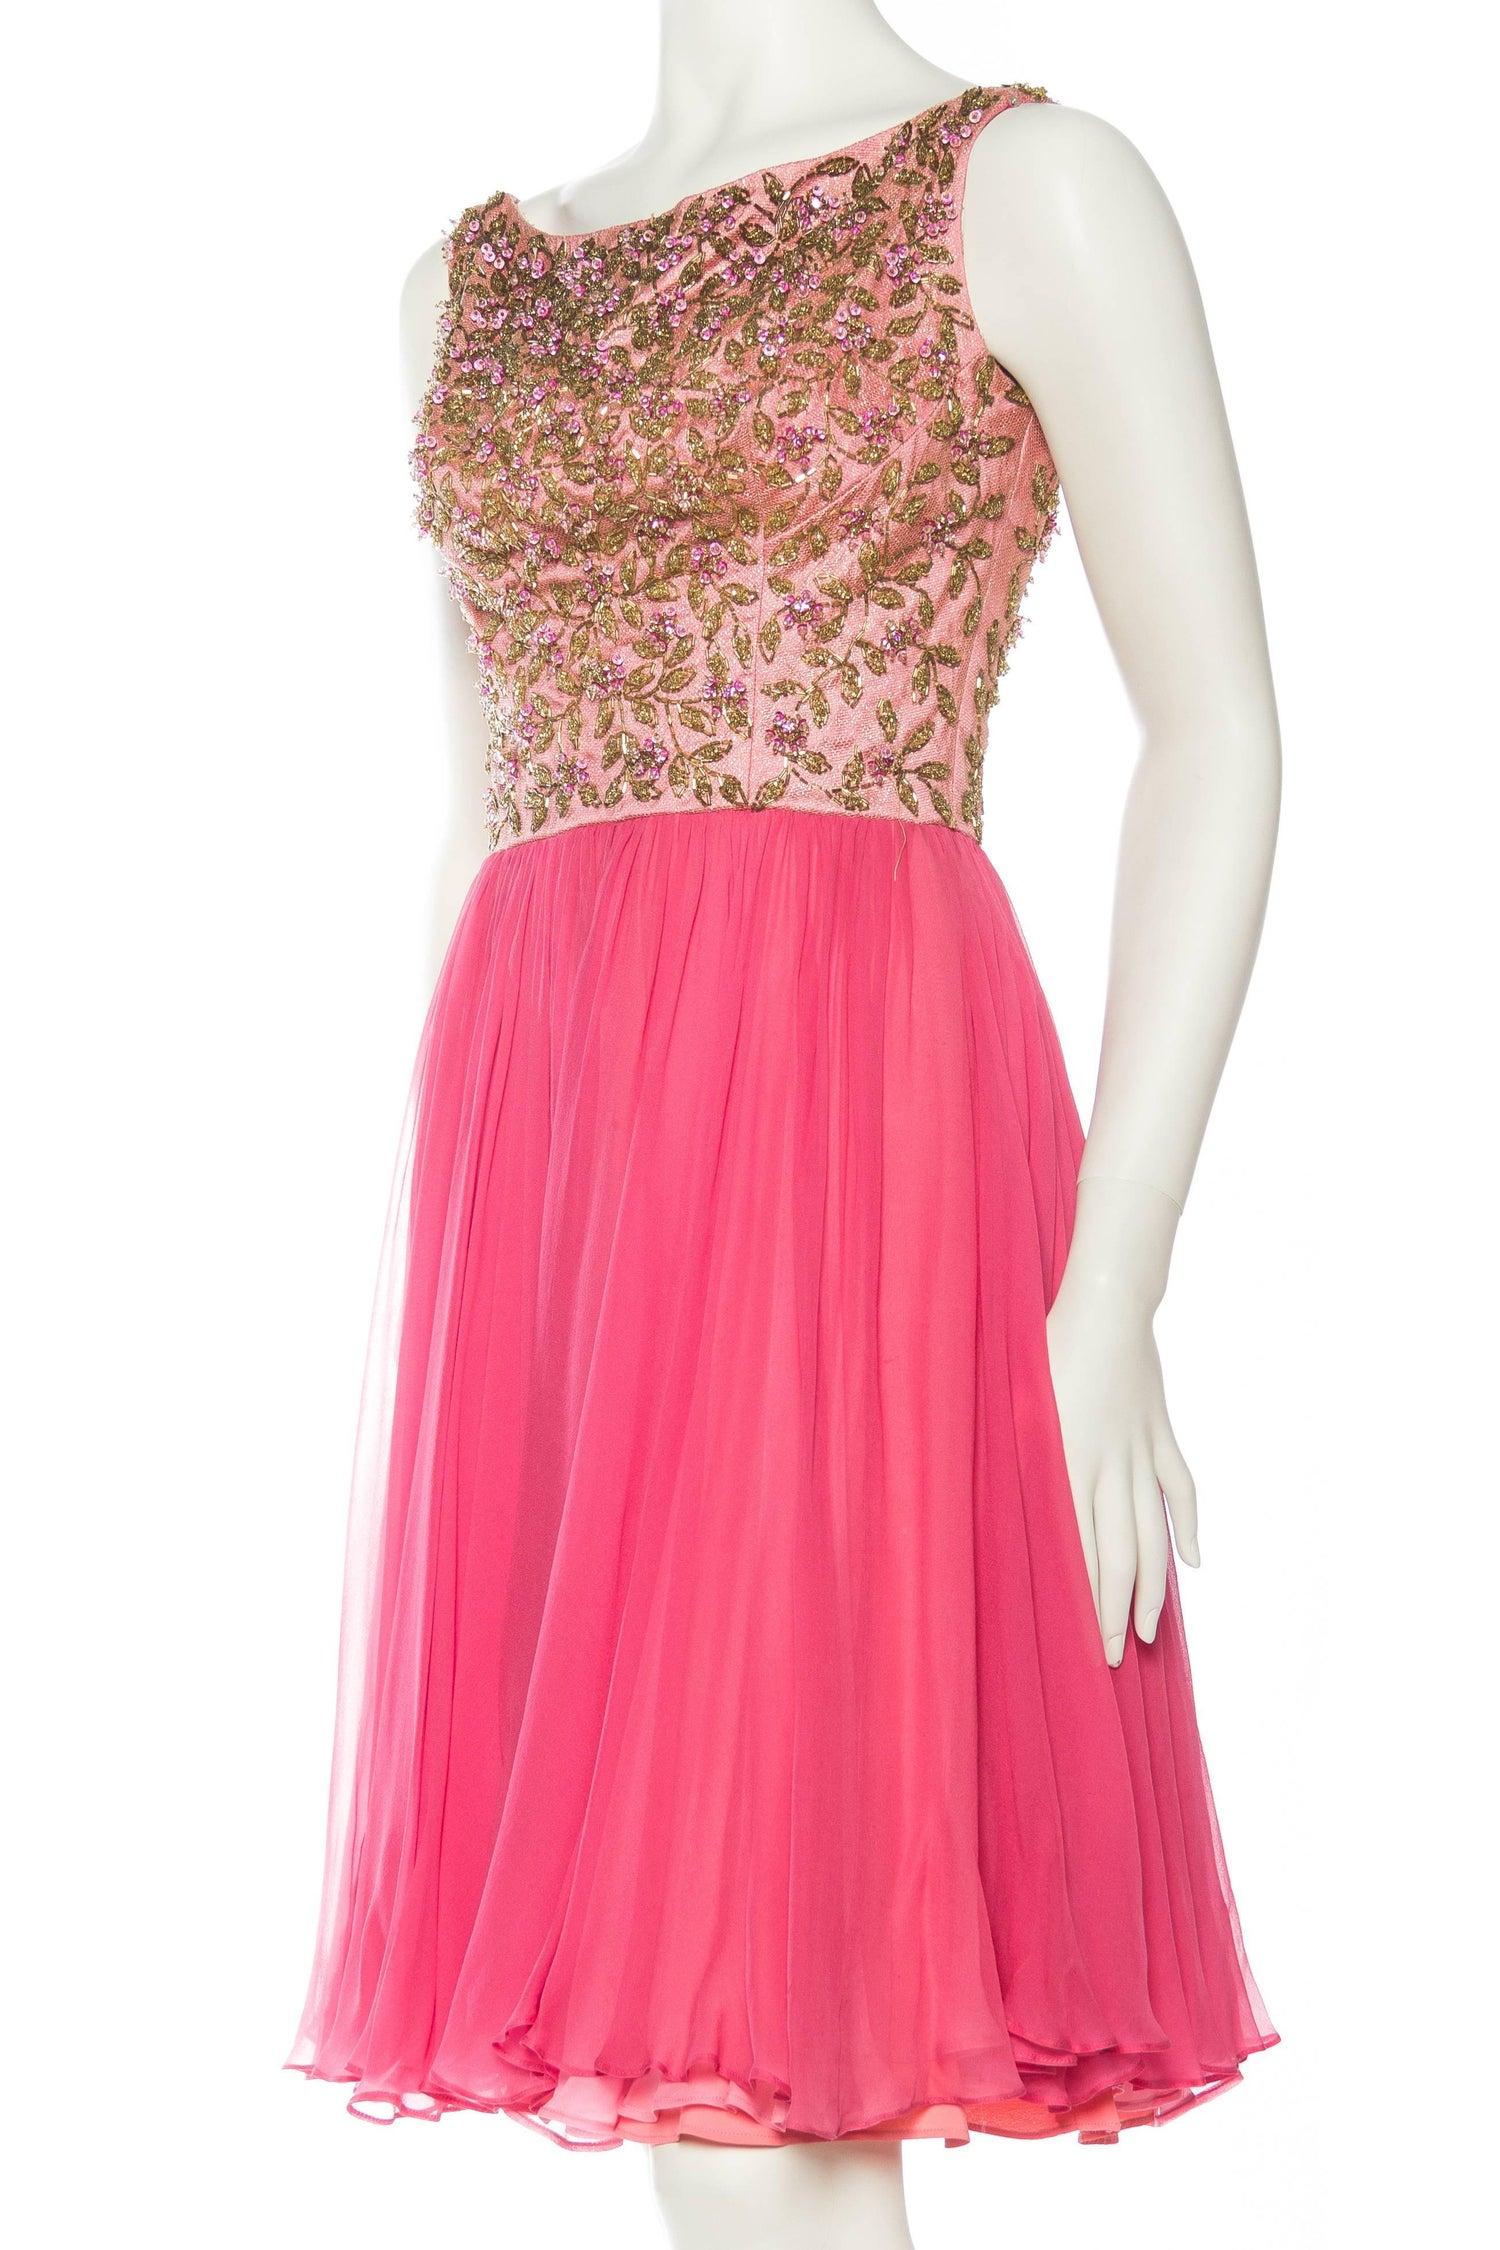 Asombroso Vestido De Fiesta Skanky Molde - Colección de Vestidos de ...